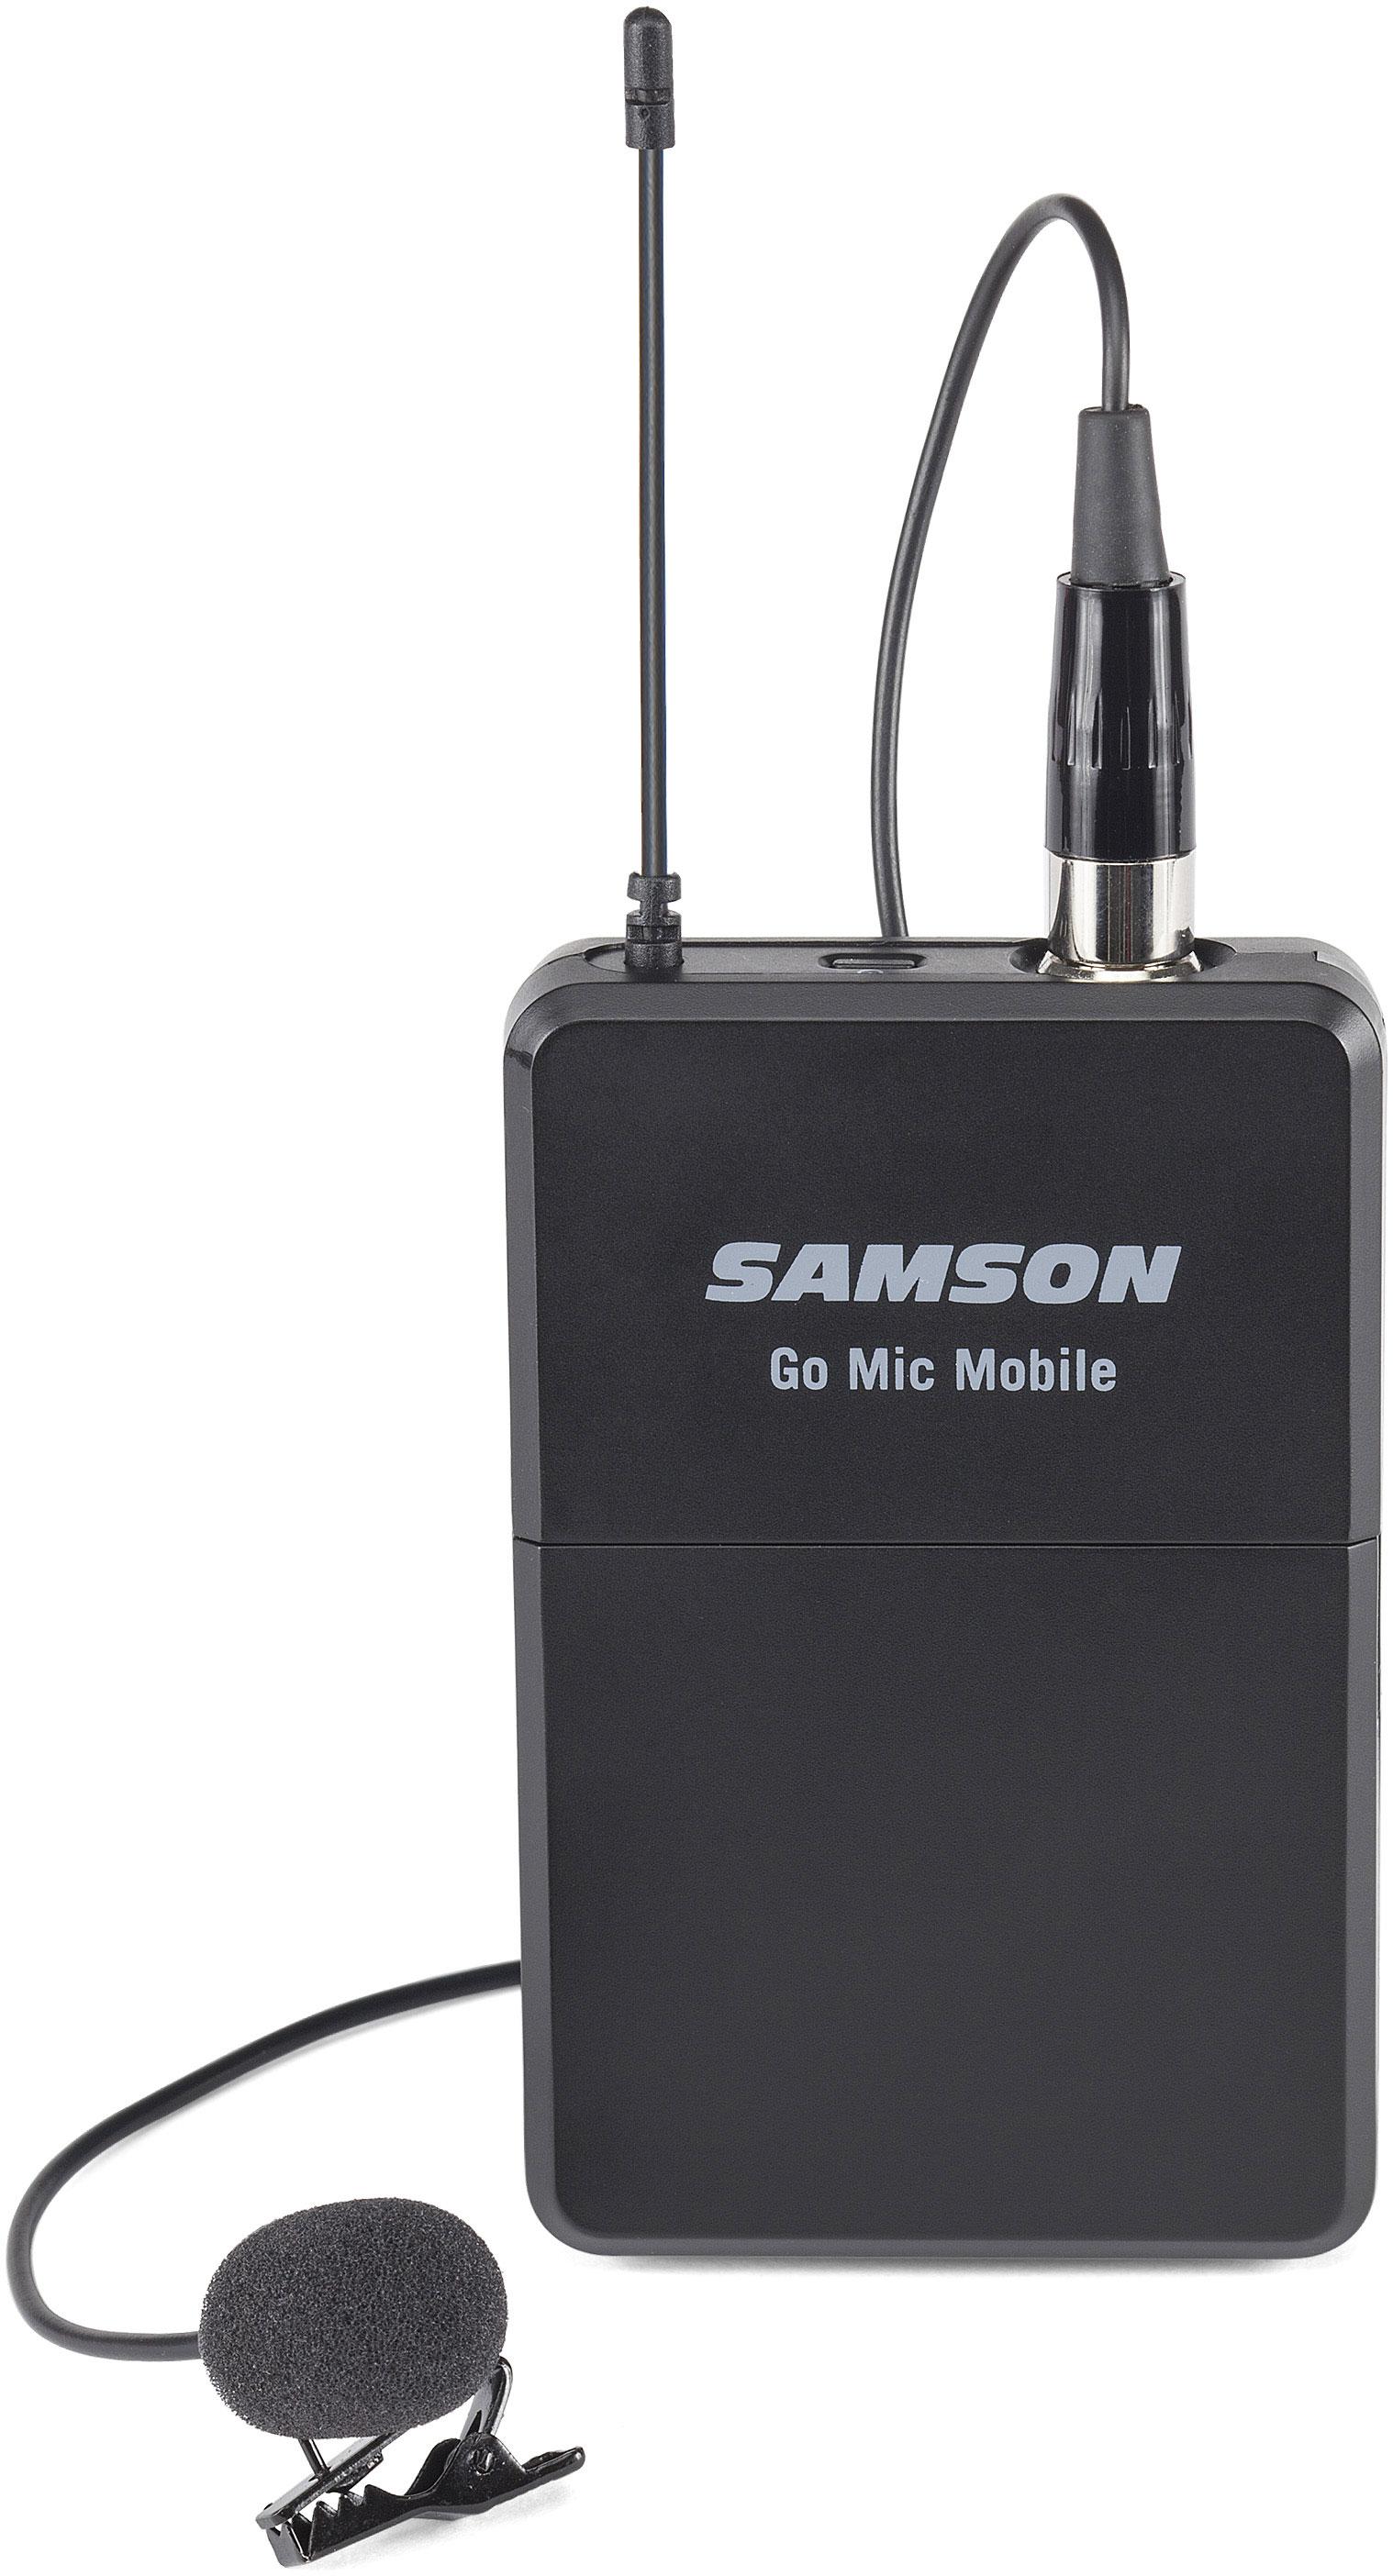 SAMSON LM8 LAVALIER+BELTPACK TRANSMITER ONLY